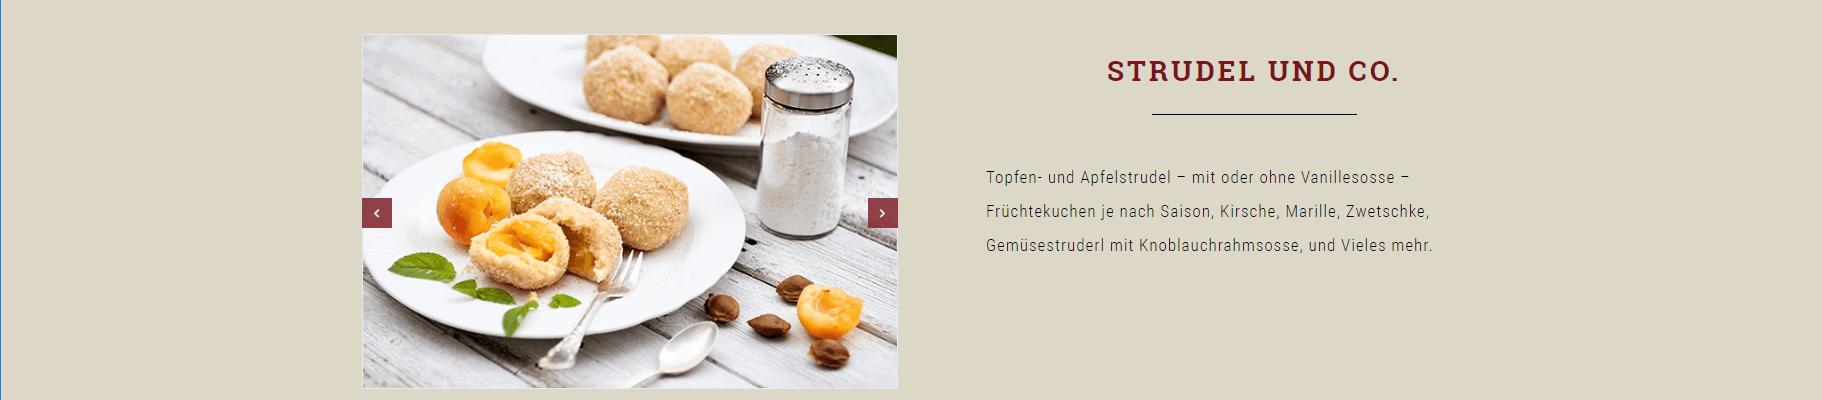 Webseiten Erstellung Heuriger Hirt Speisen - PKOM Webagentur Wien